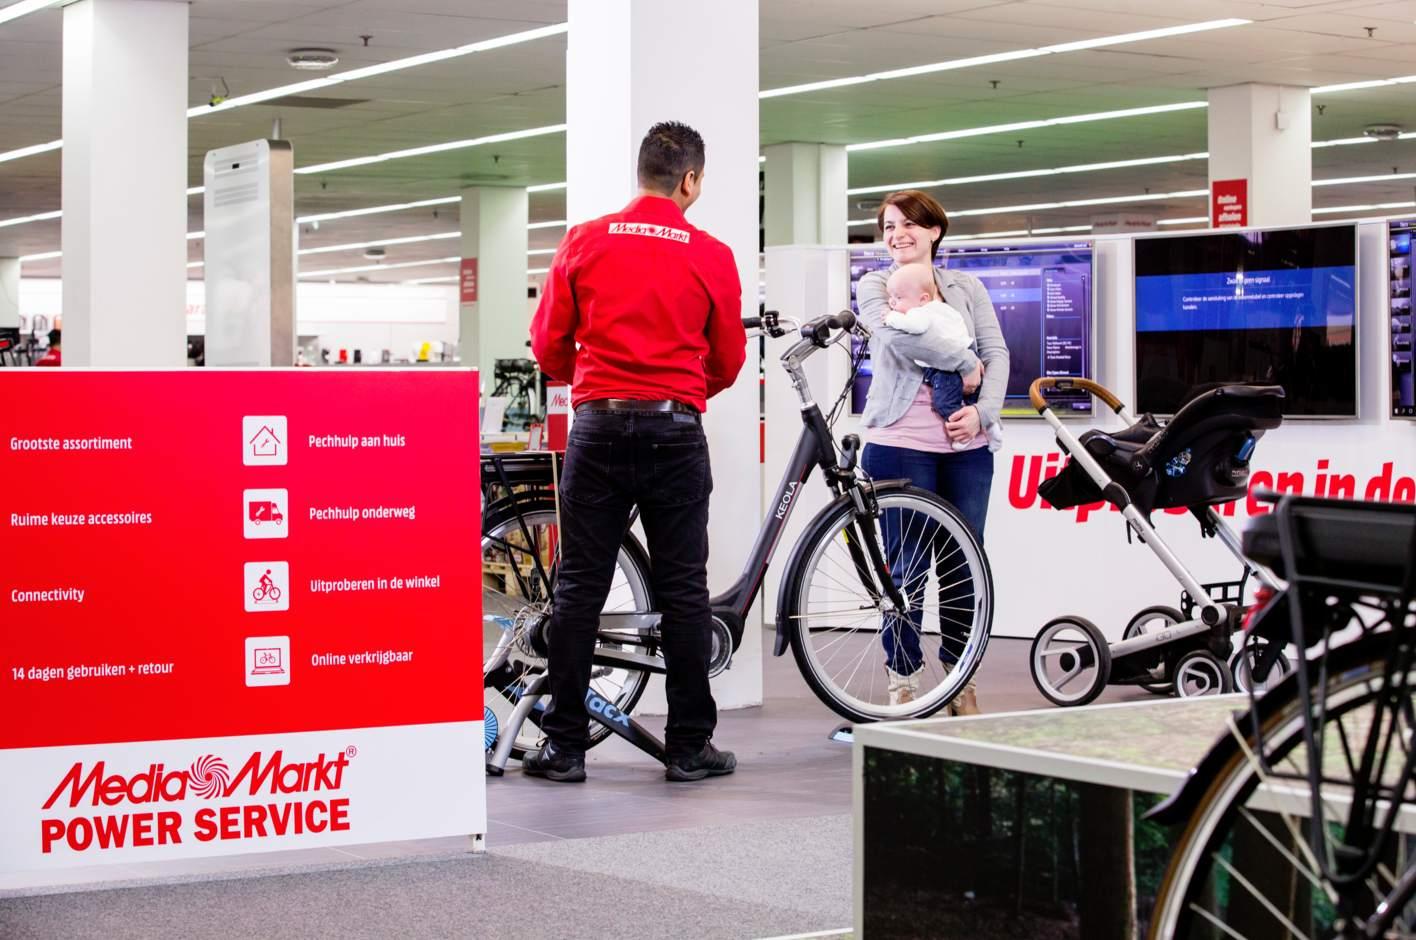 media markt hoorn gaat elektrische fietsen verkopen. Black Bedroom Furniture Sets. Home Design Ideas